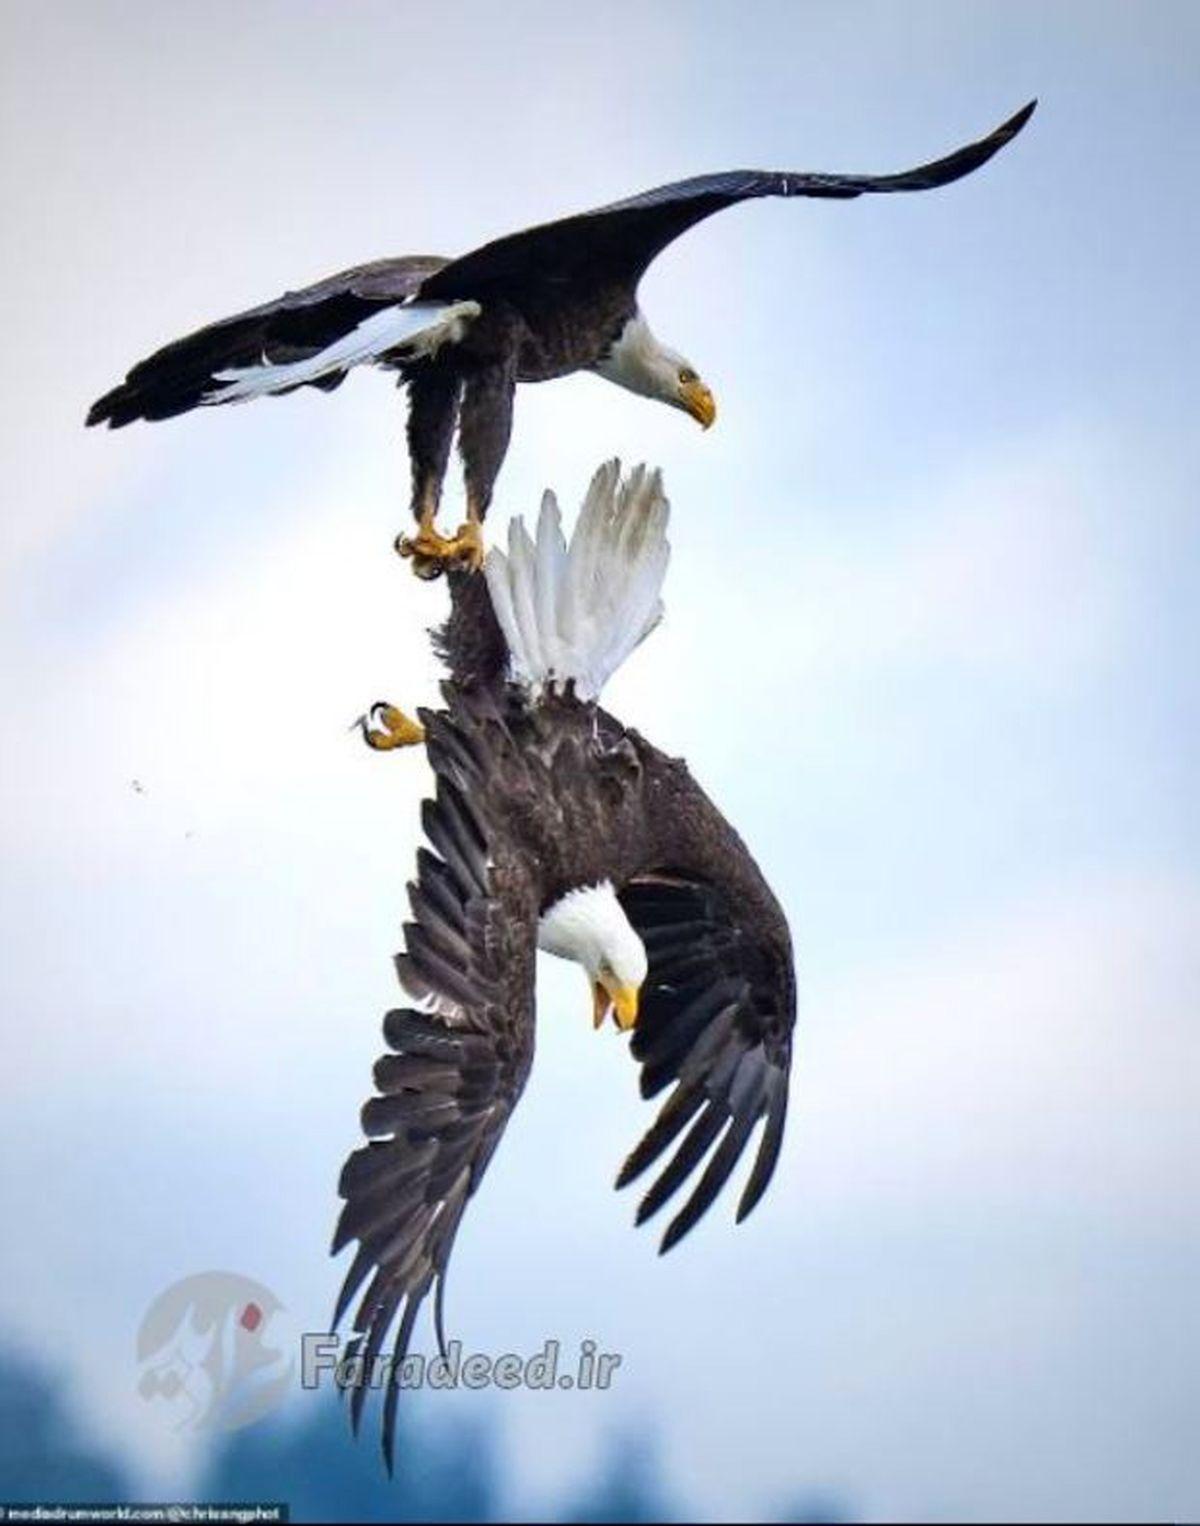 دعوای شدید دو عقاب در آسمان + عکس